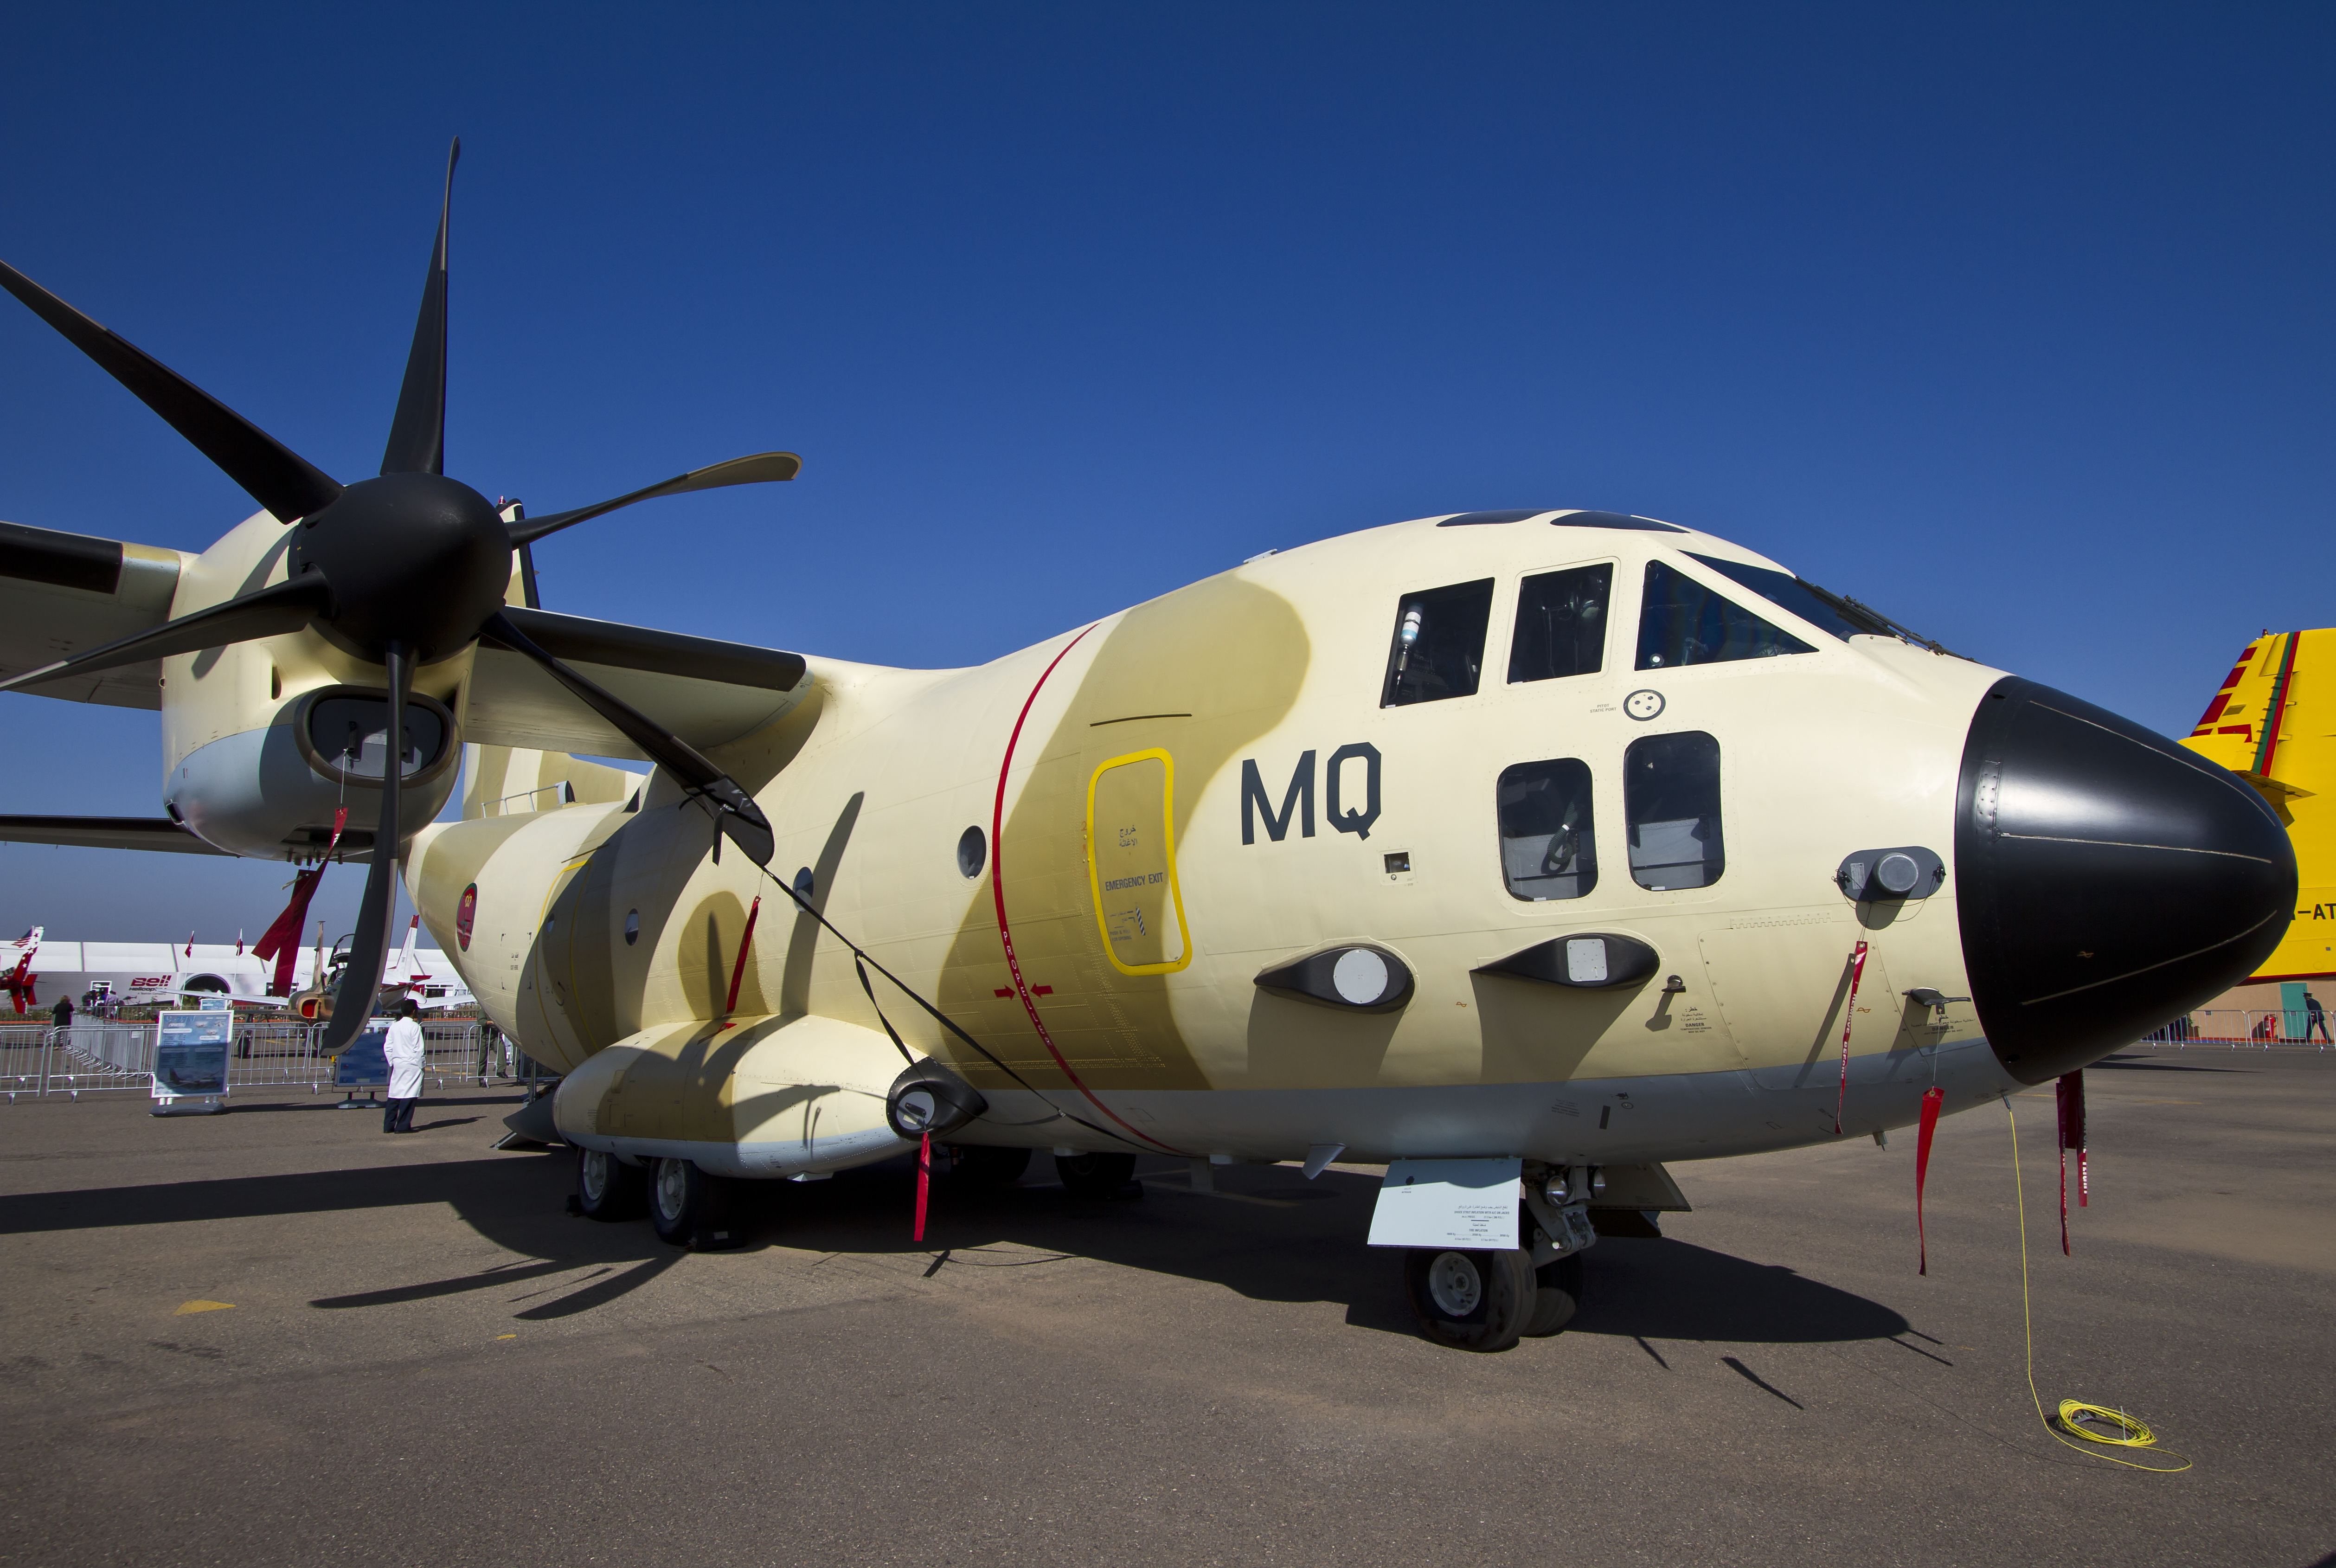 طائرات النقل العاملة بالقوات المسلحة المغربية 13946006449_6b68fc2706_o